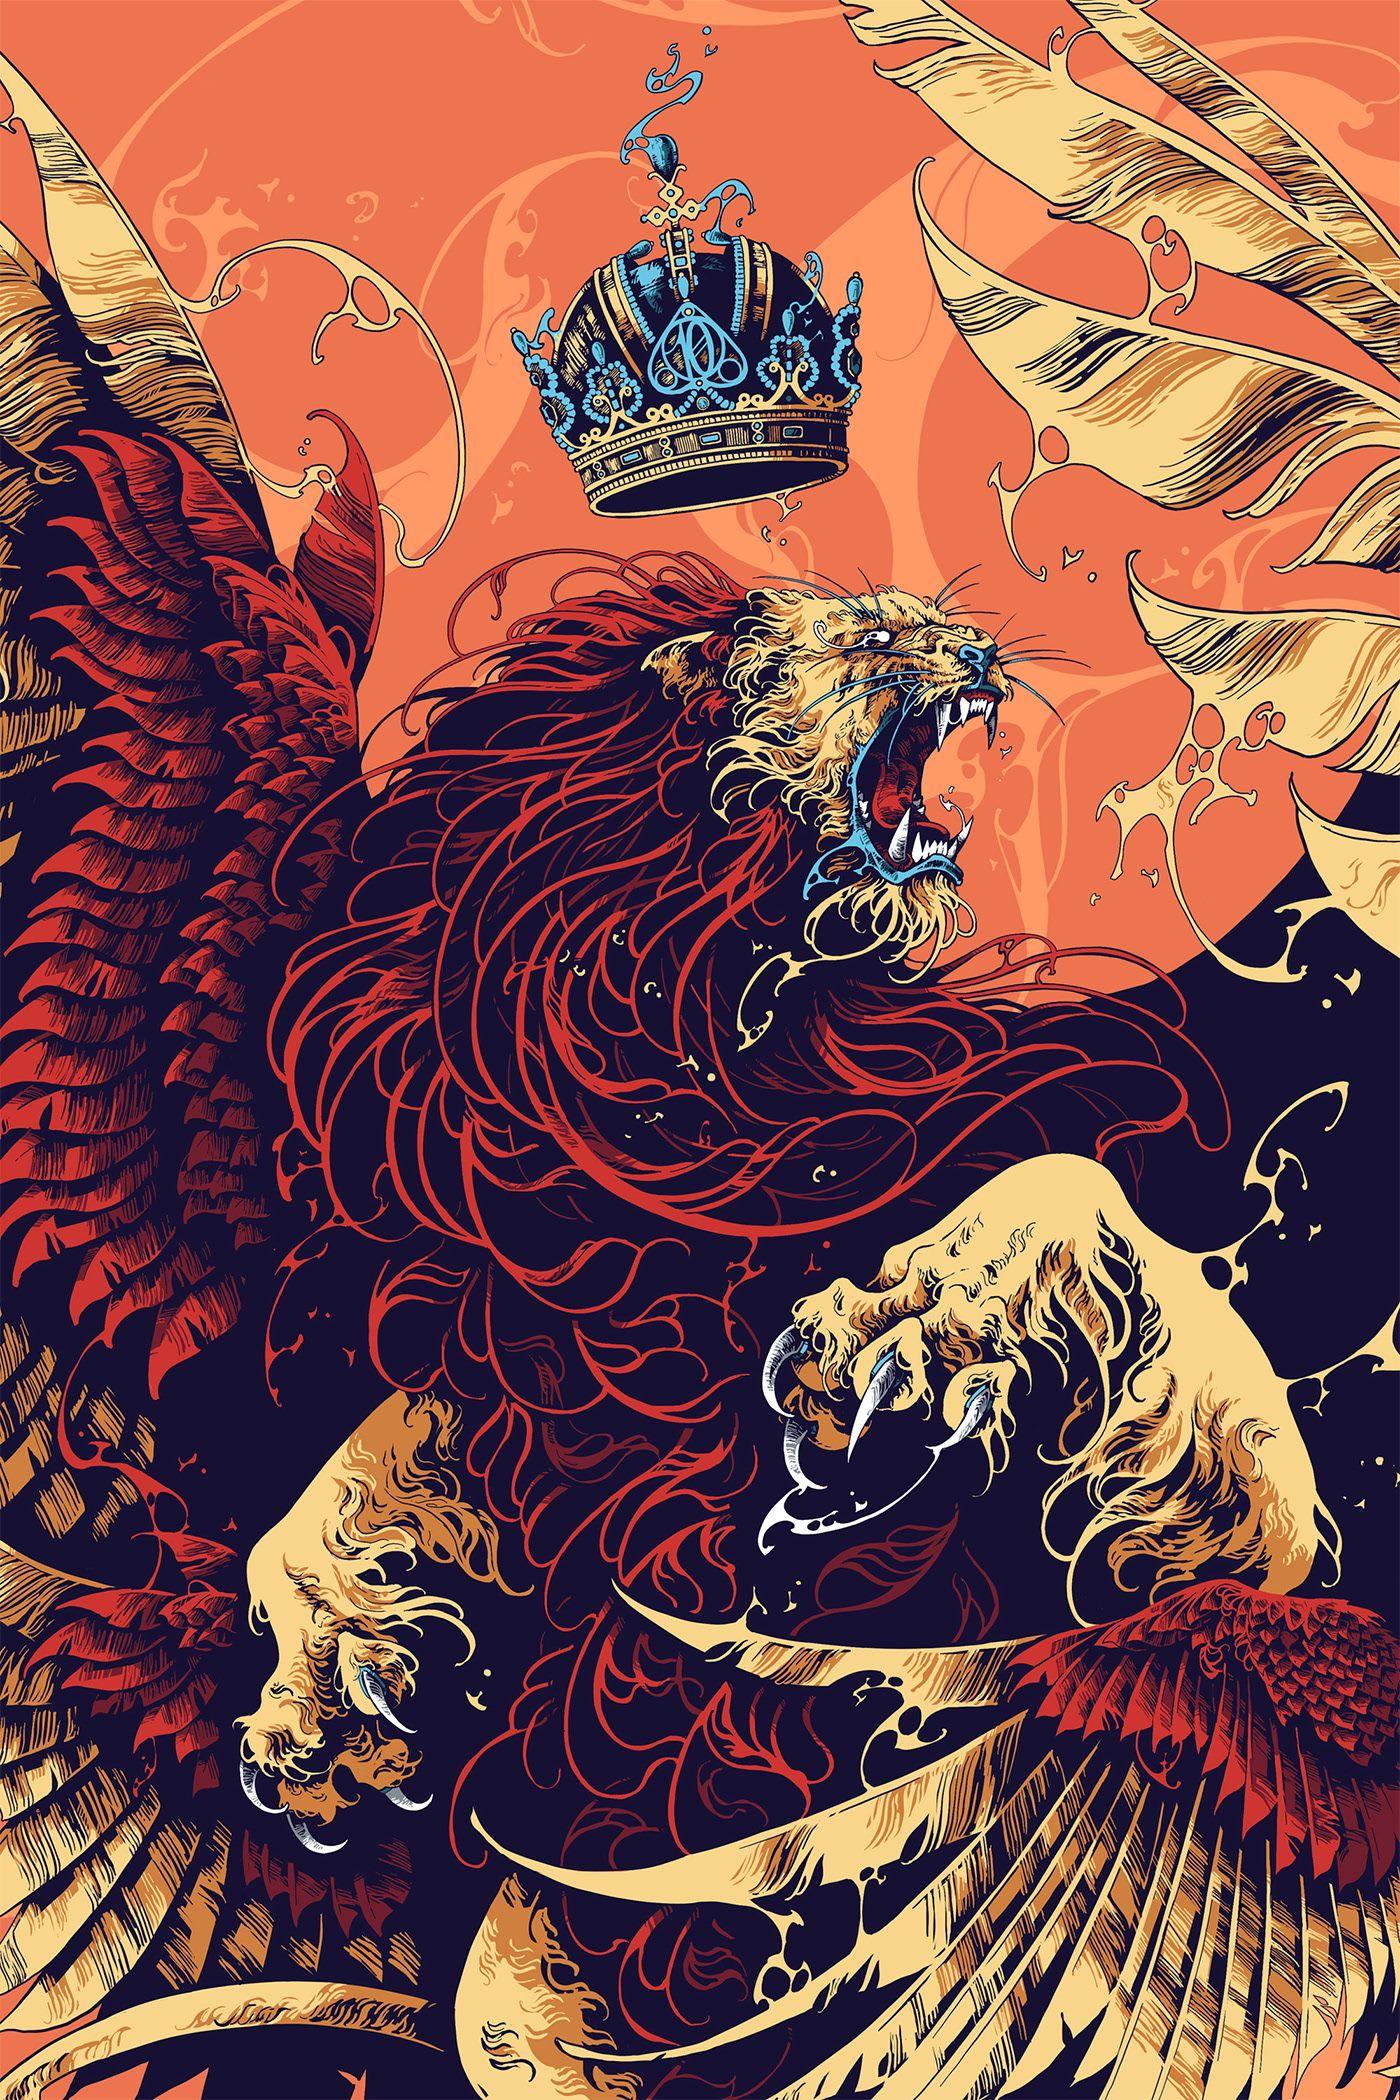 Impericon Festivals 2020 Digital Ipad Pro Procreate Vicious Multi Winged Lion For The 10th A Wallpaper Pisicodelico Ilustracao De Astronauta Arte Fantastica